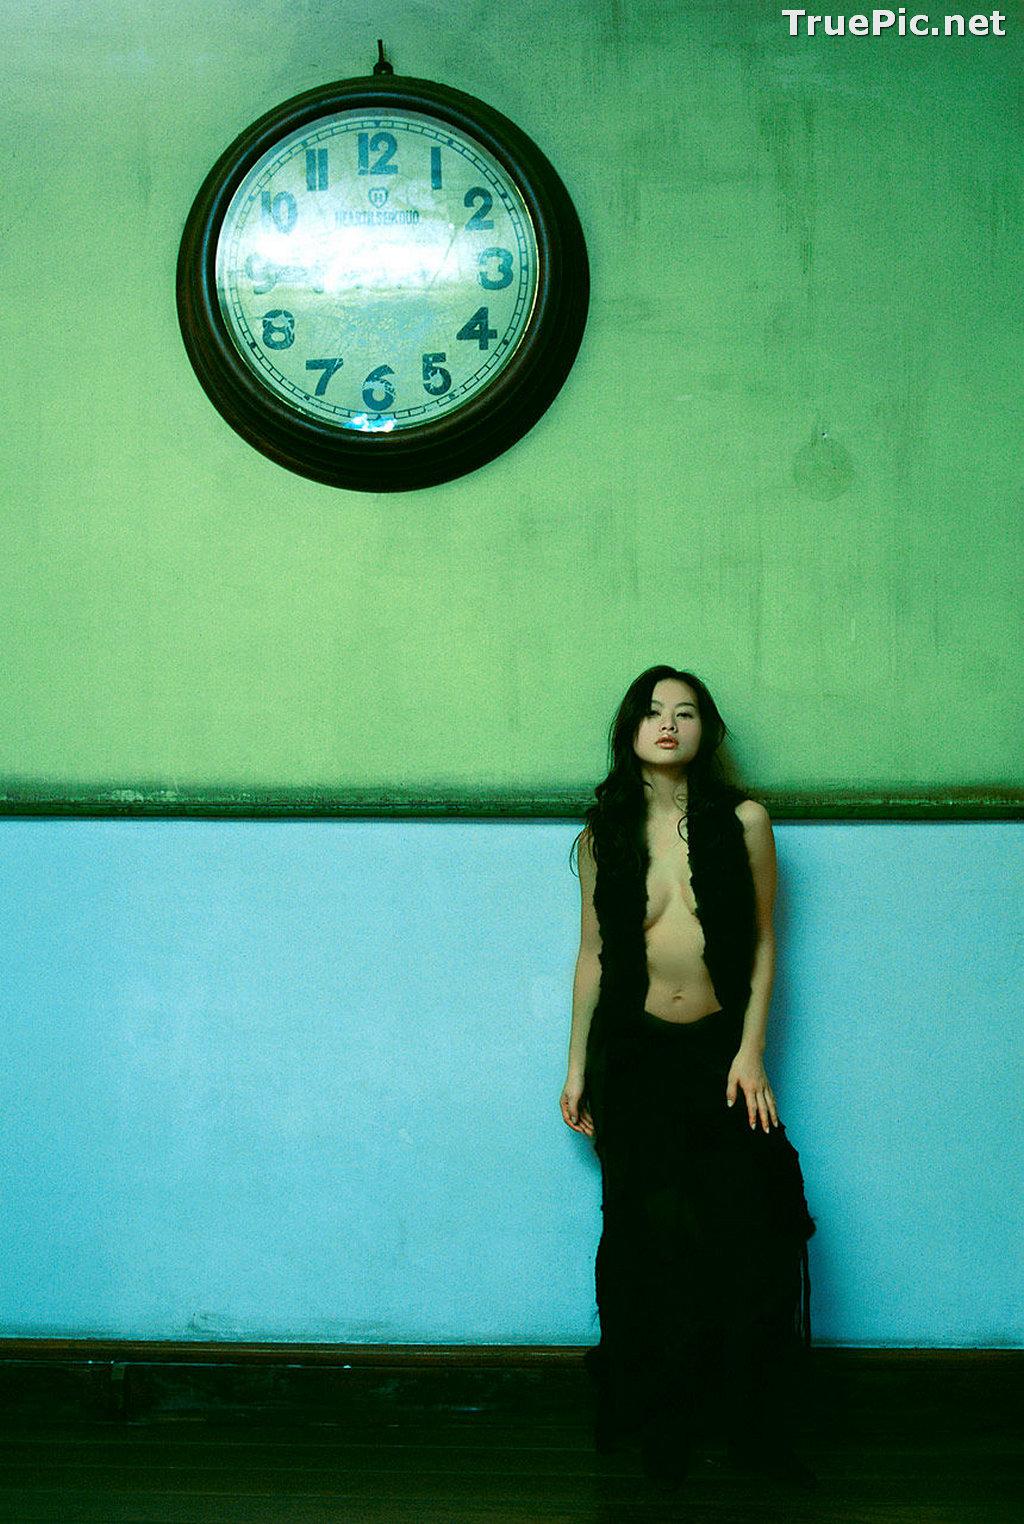 Image Japanese Actress and Model - Sayaka Yoshino - Saya Photo Album - TruePic.net - Picture-9